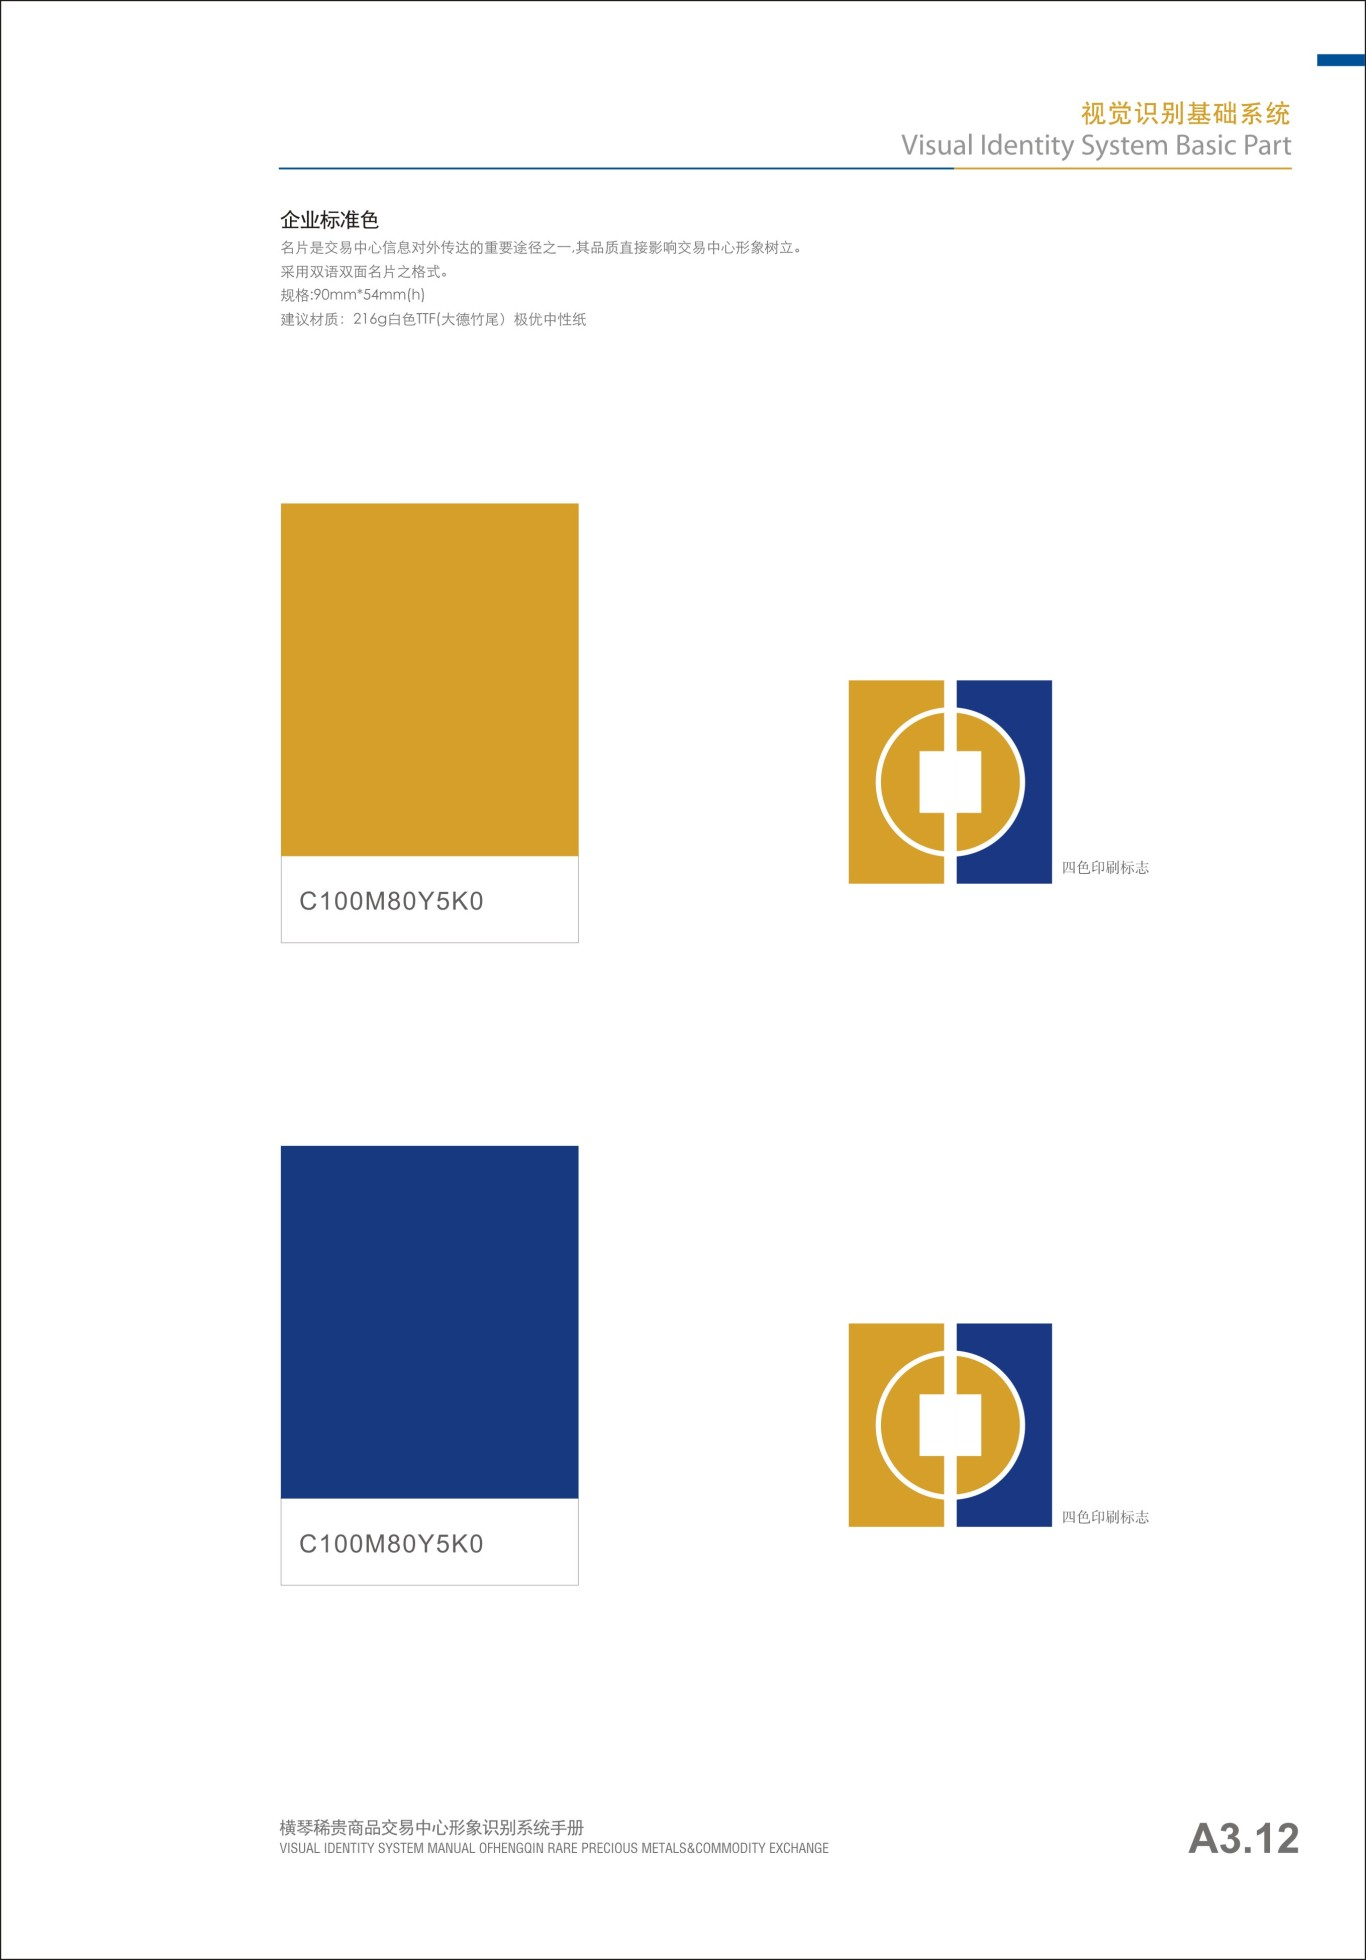 贵金属行业横琴稀贵VI手册设计图1